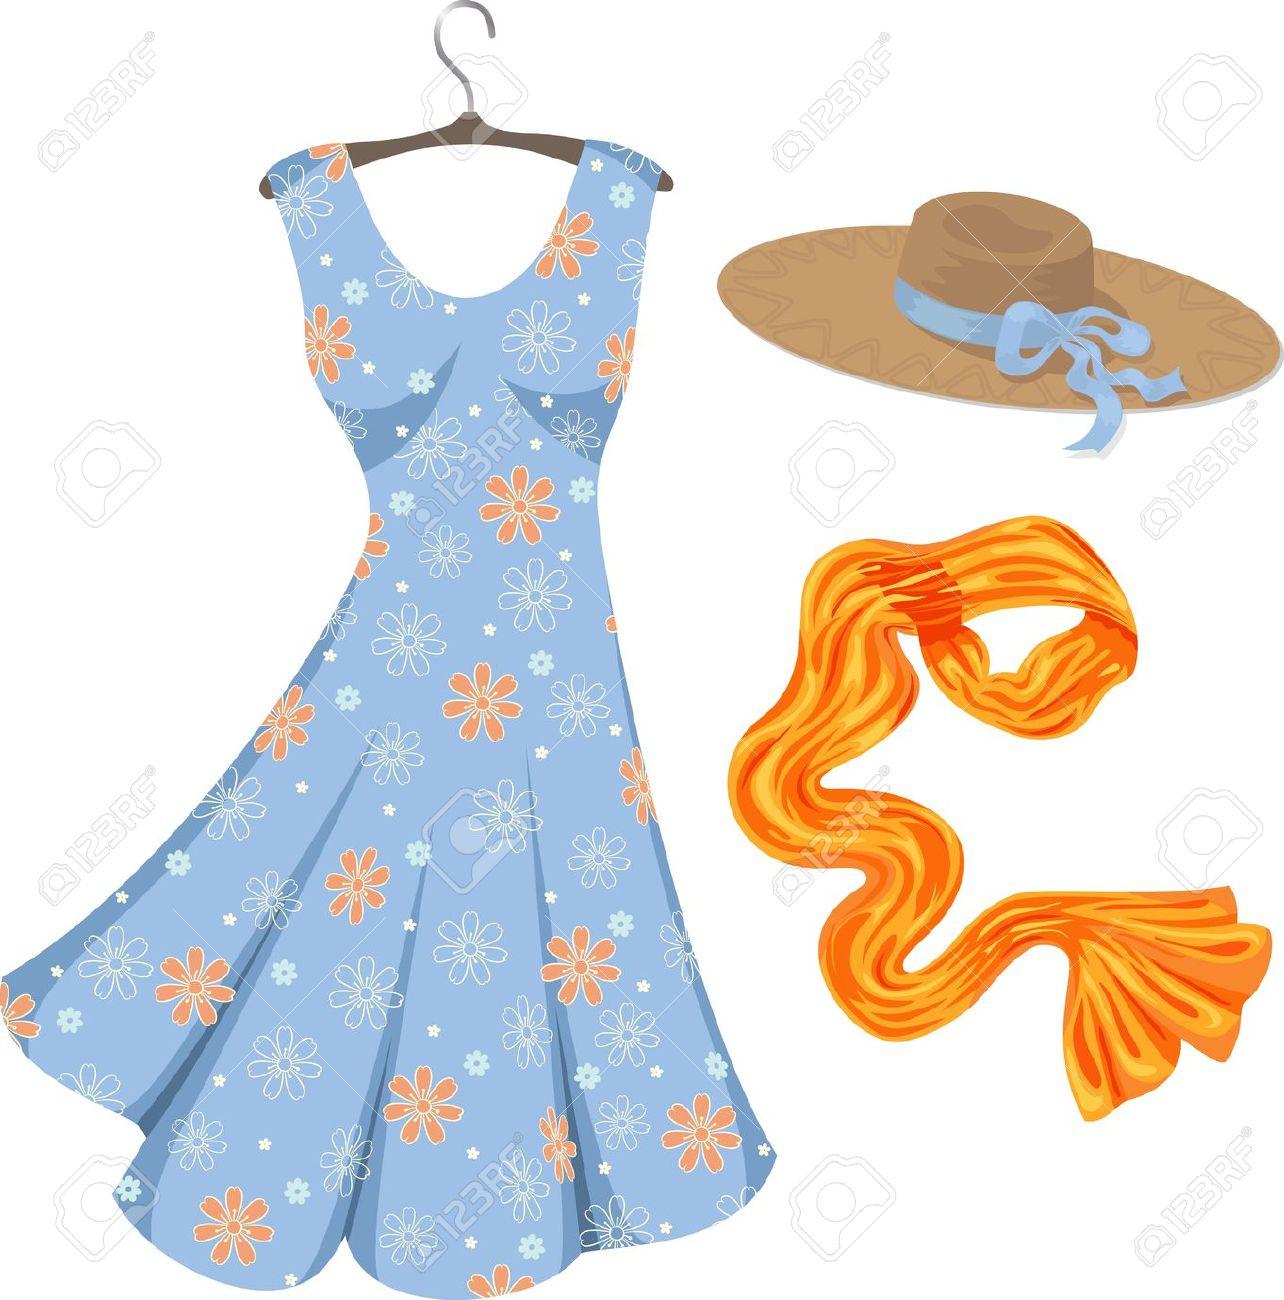 Spring Season Clothes Clipart.